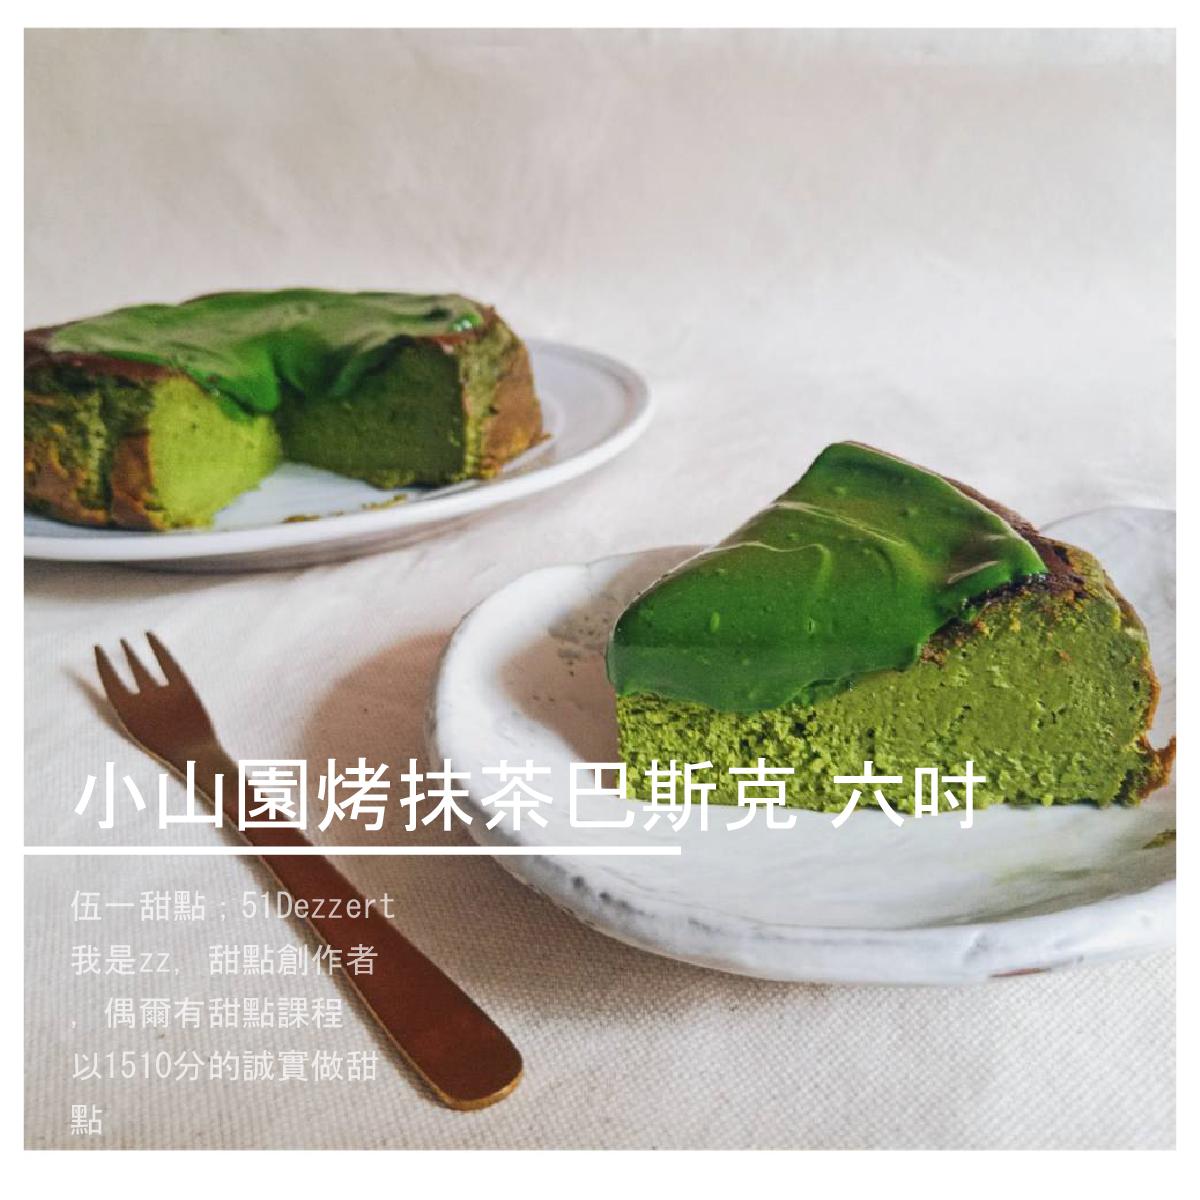 【伍一甜點】小山園烤抹茶巴斯克 / 六吋